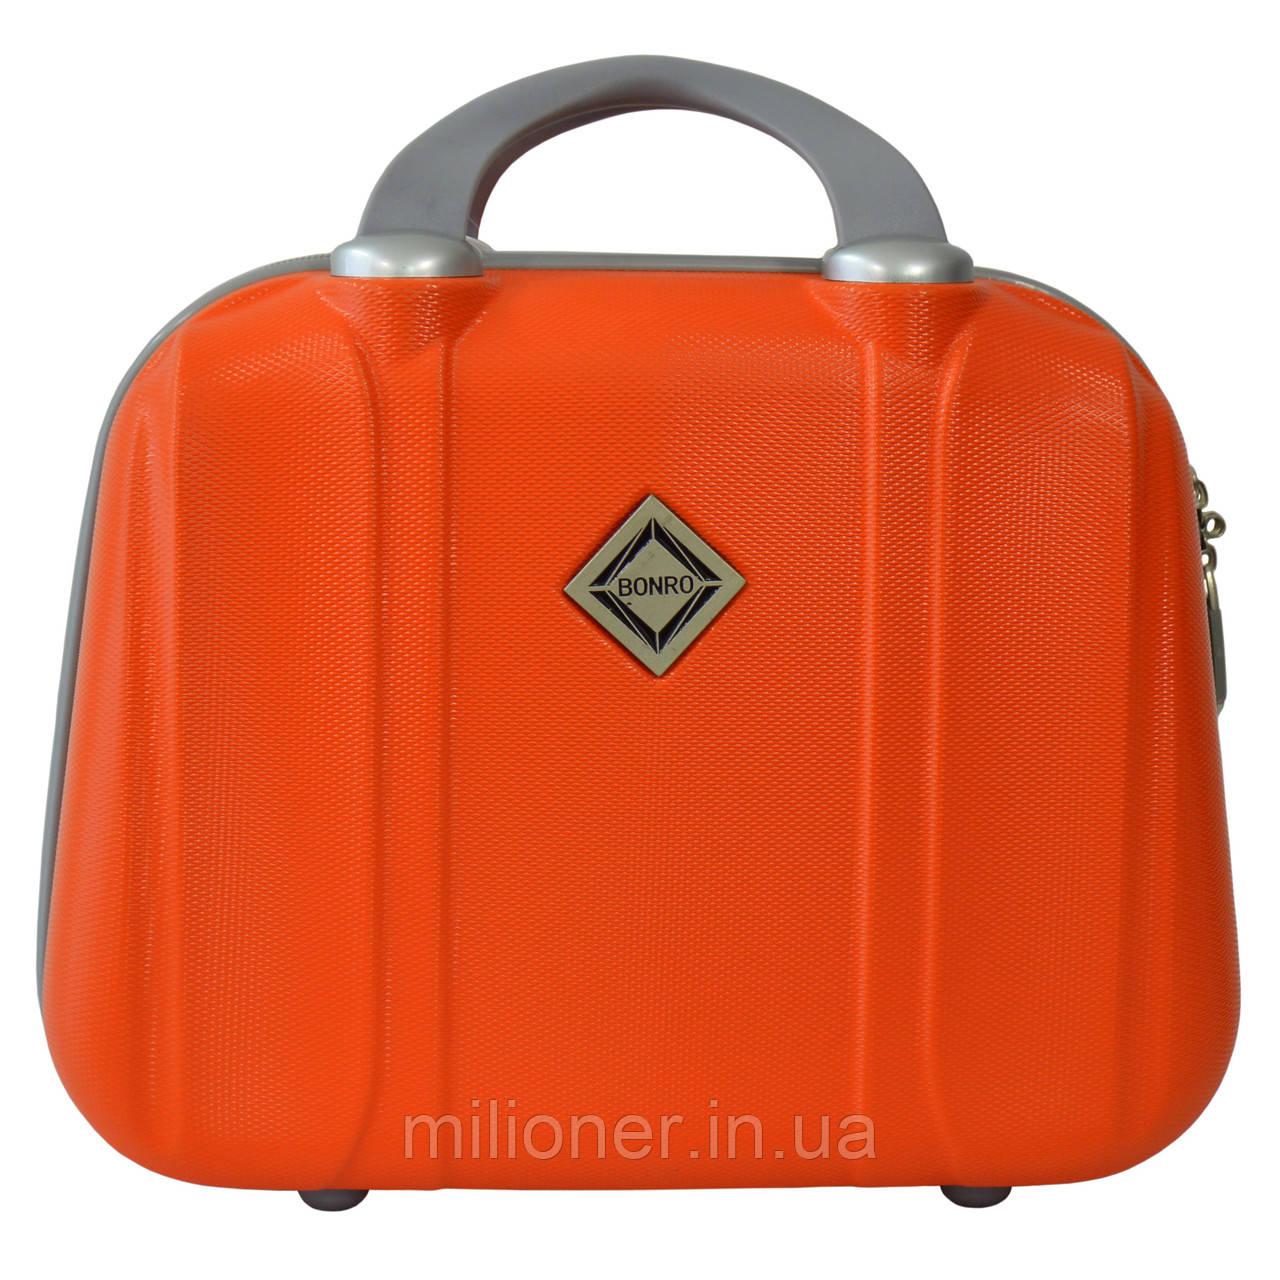 Сумка кейс саквояж Bonro Smile (большой) оранжевый (orange 609)